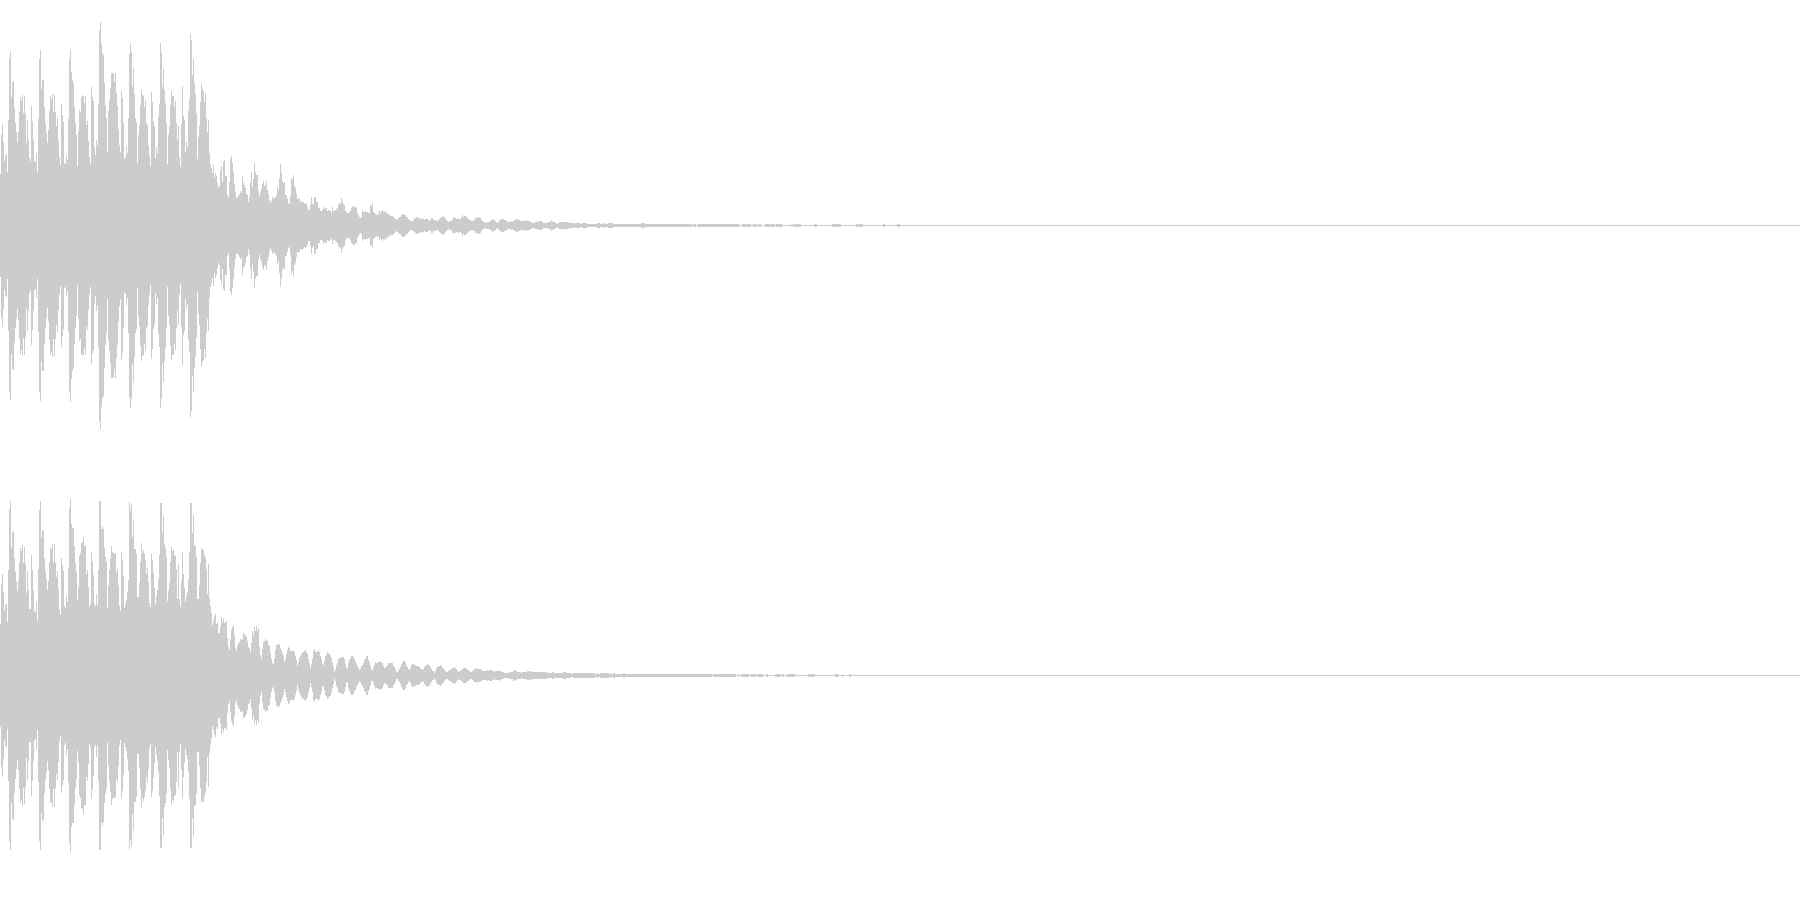 コイン7枚獲得 ゲット チャリンの未再生の波形